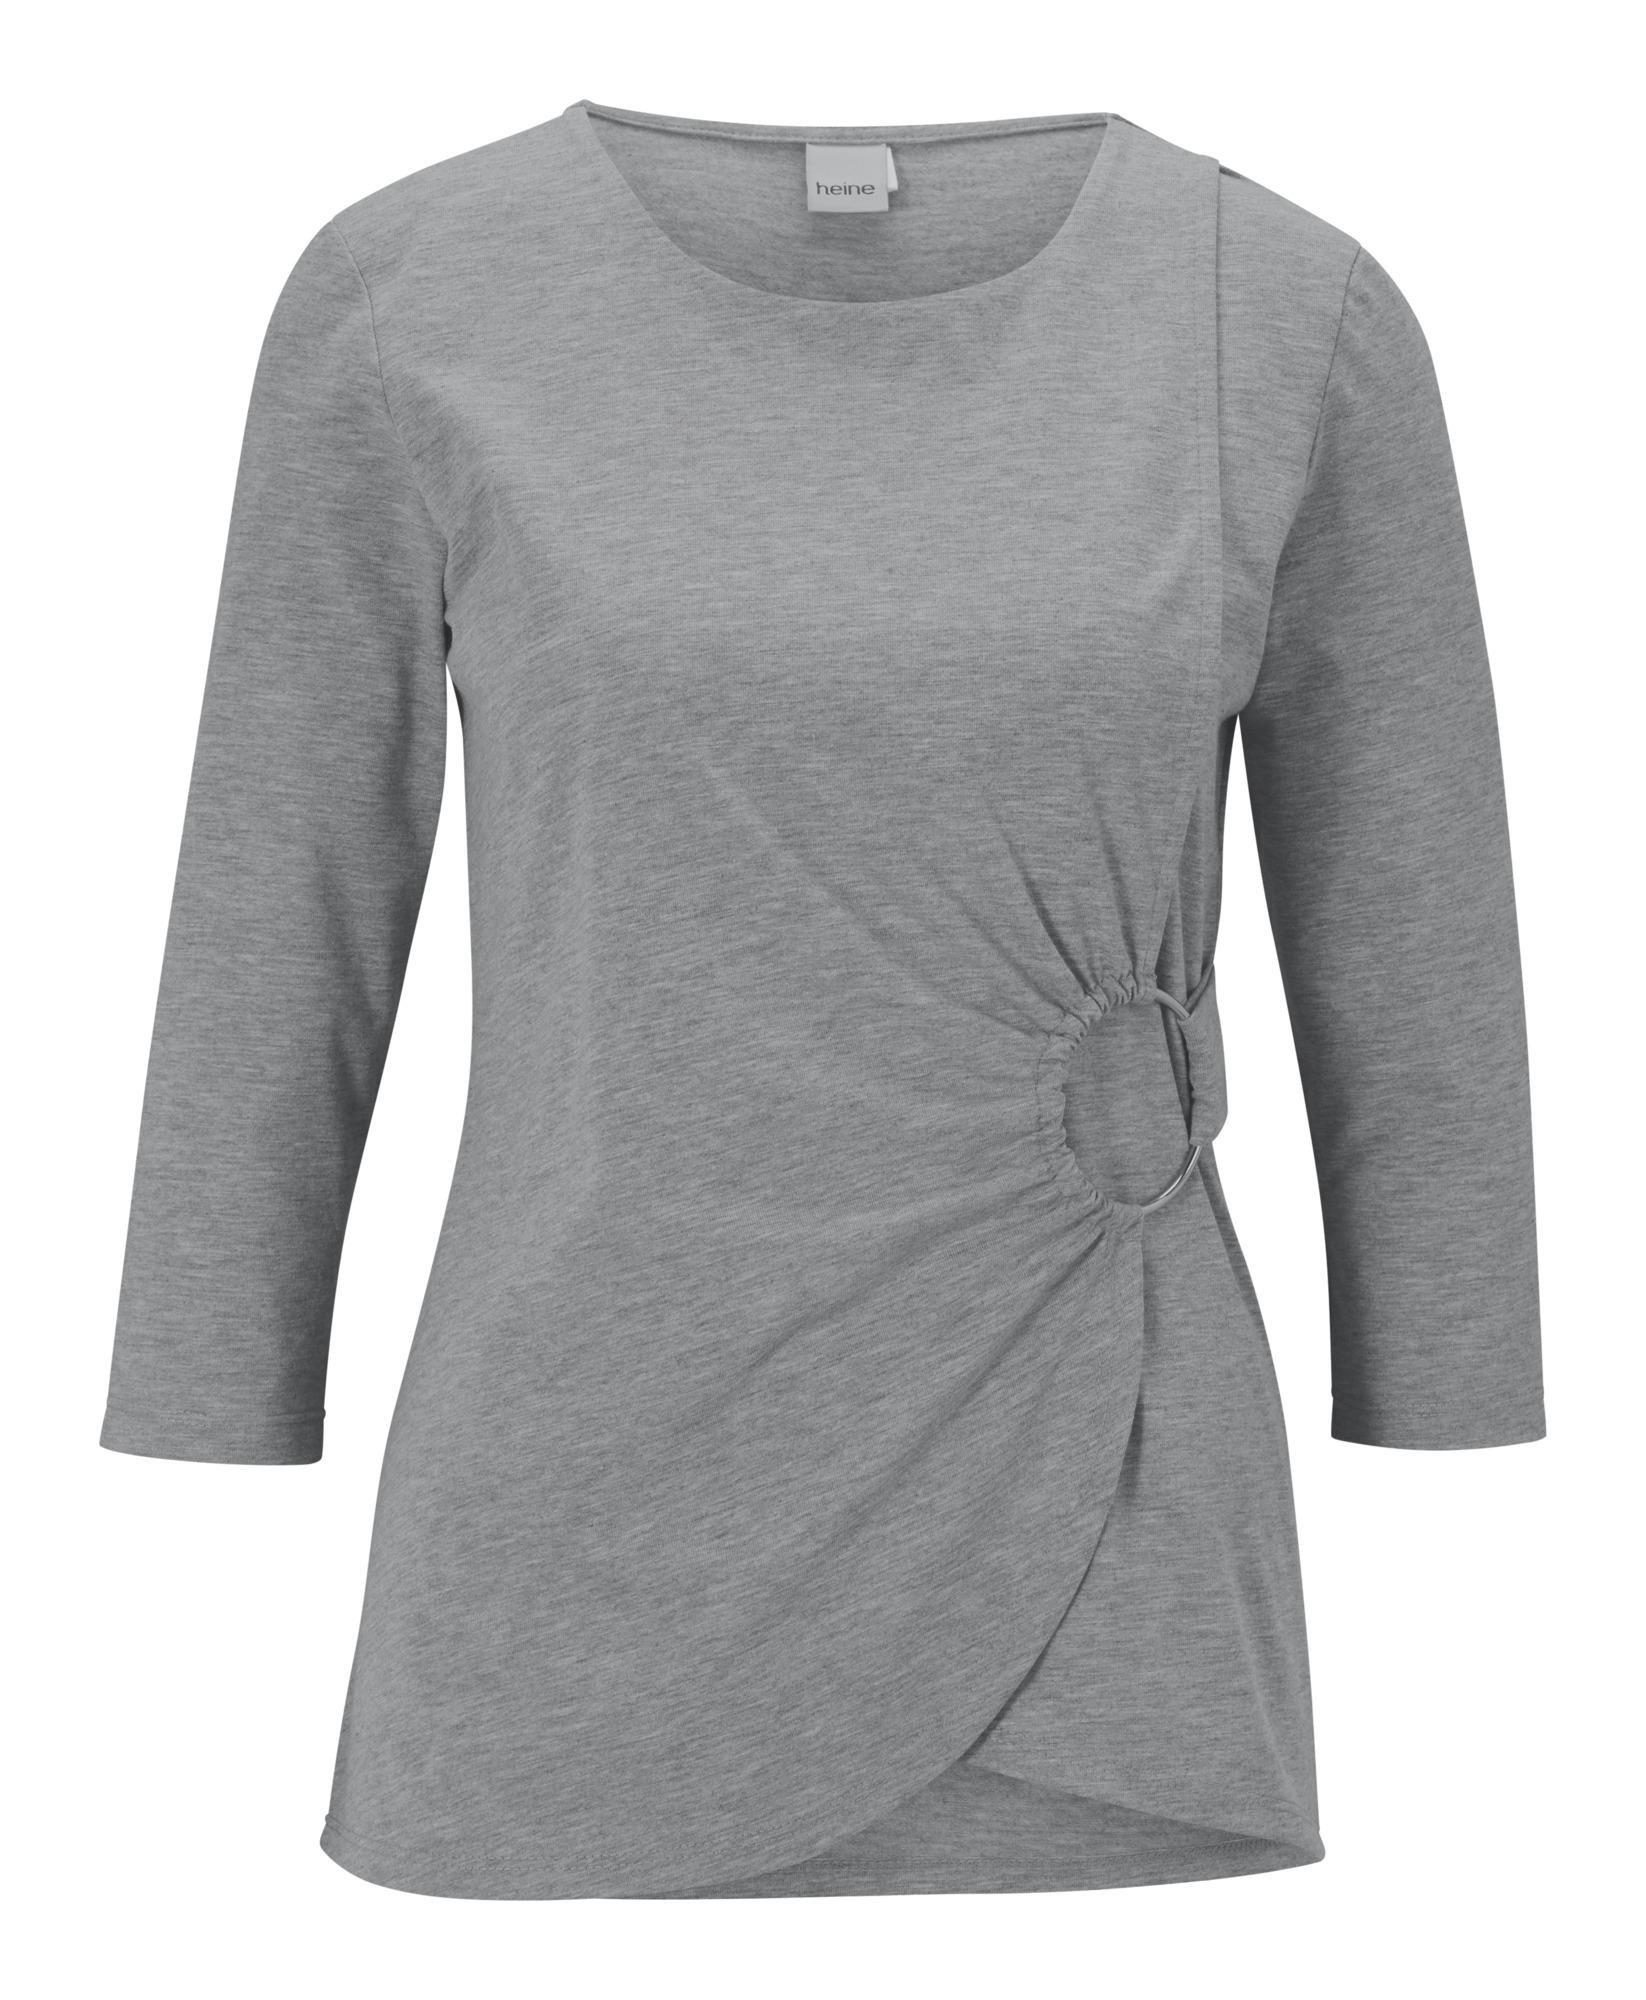 Op zoek naar een Linea Tesini By Heine Shirt? Koop online bij OTTO